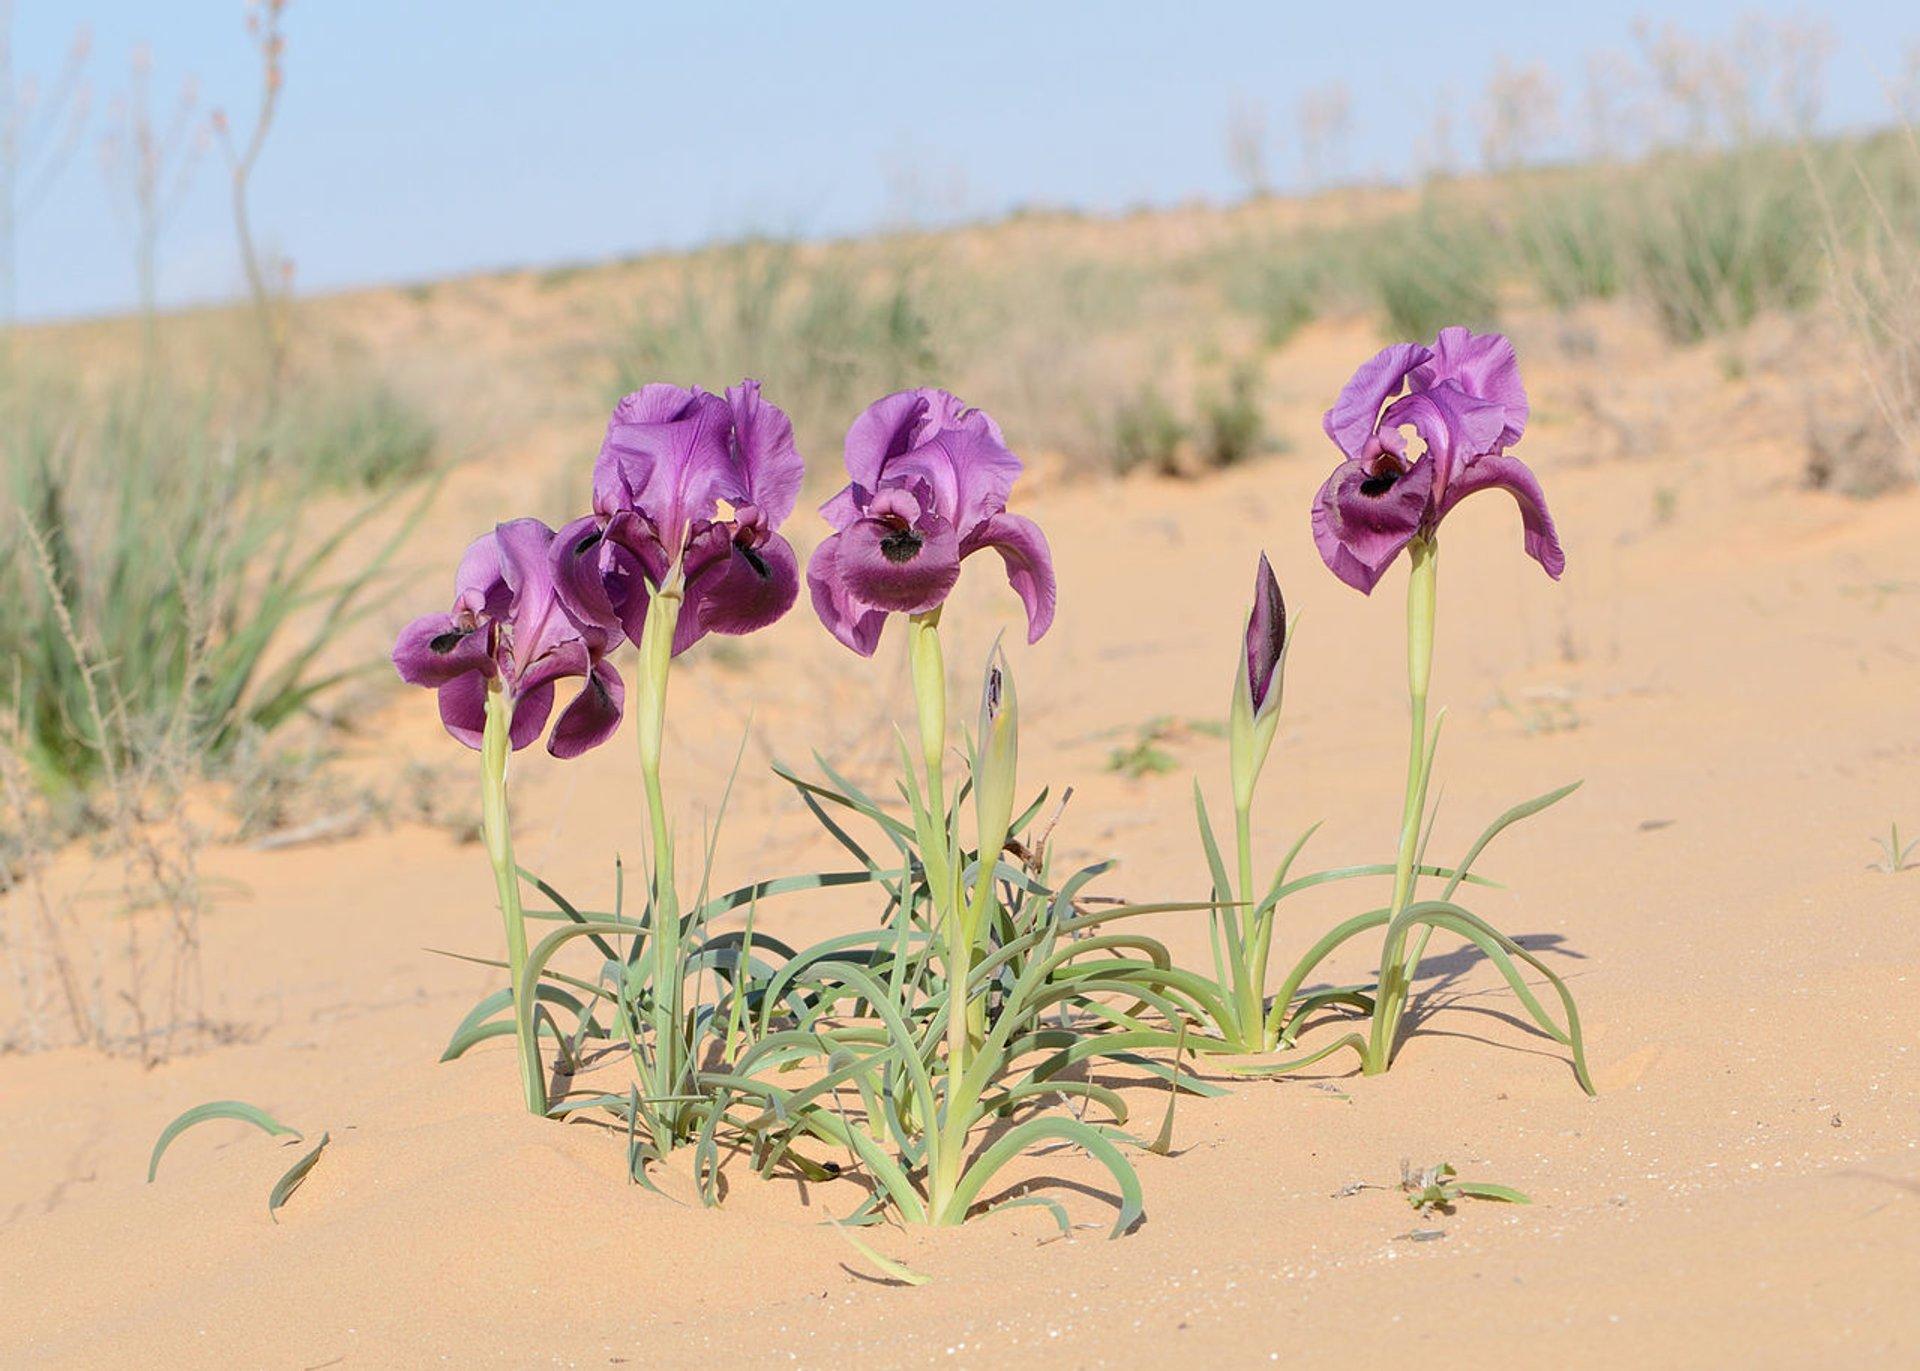 Negev Iris in Bloom in Israel 2020 - Best Time